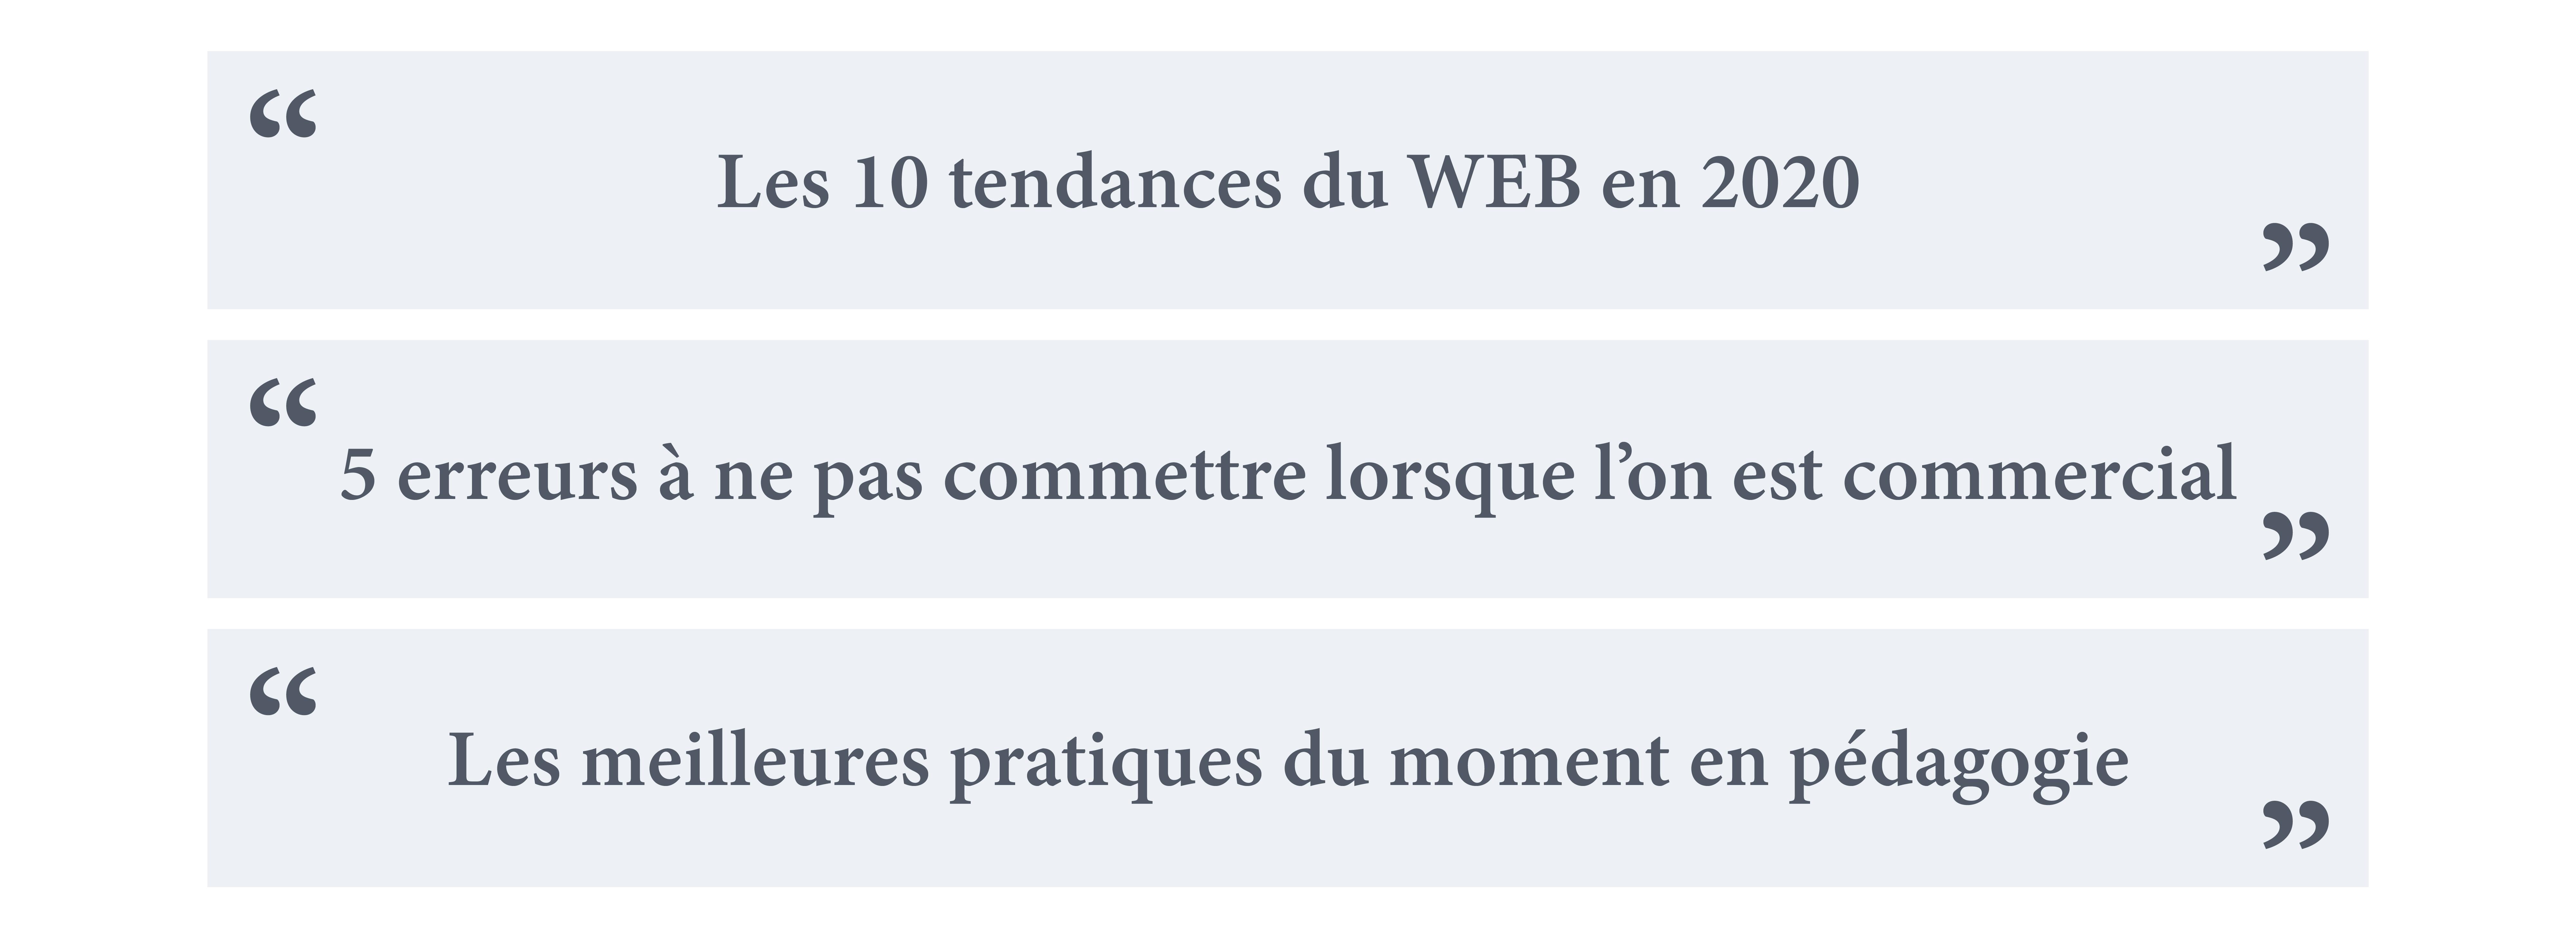 """""""les 10 tendances du WEB en 2020"""" ;  """"5 erreurs à ne pas commettre lorsque l'on est commercial"""" ;  """"les meilleures pratiques du moment en pédagogie"""" ;"""